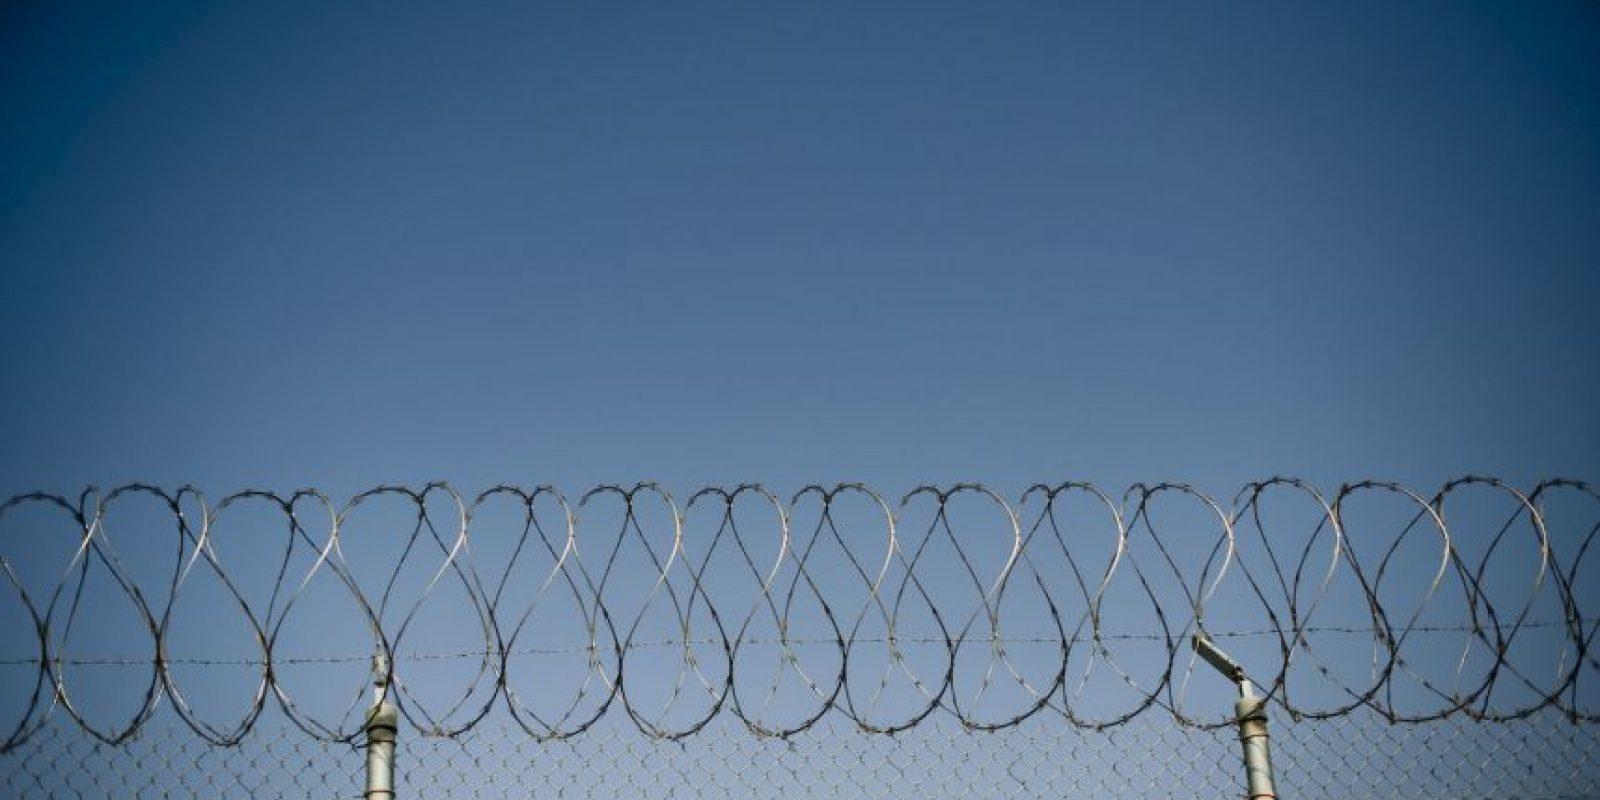 2. Sin embargo, la espera se ha vuelto una pesadilla, luego de que paralizaran las ejecuciones hace casi 10 años. Foto:Getty Images